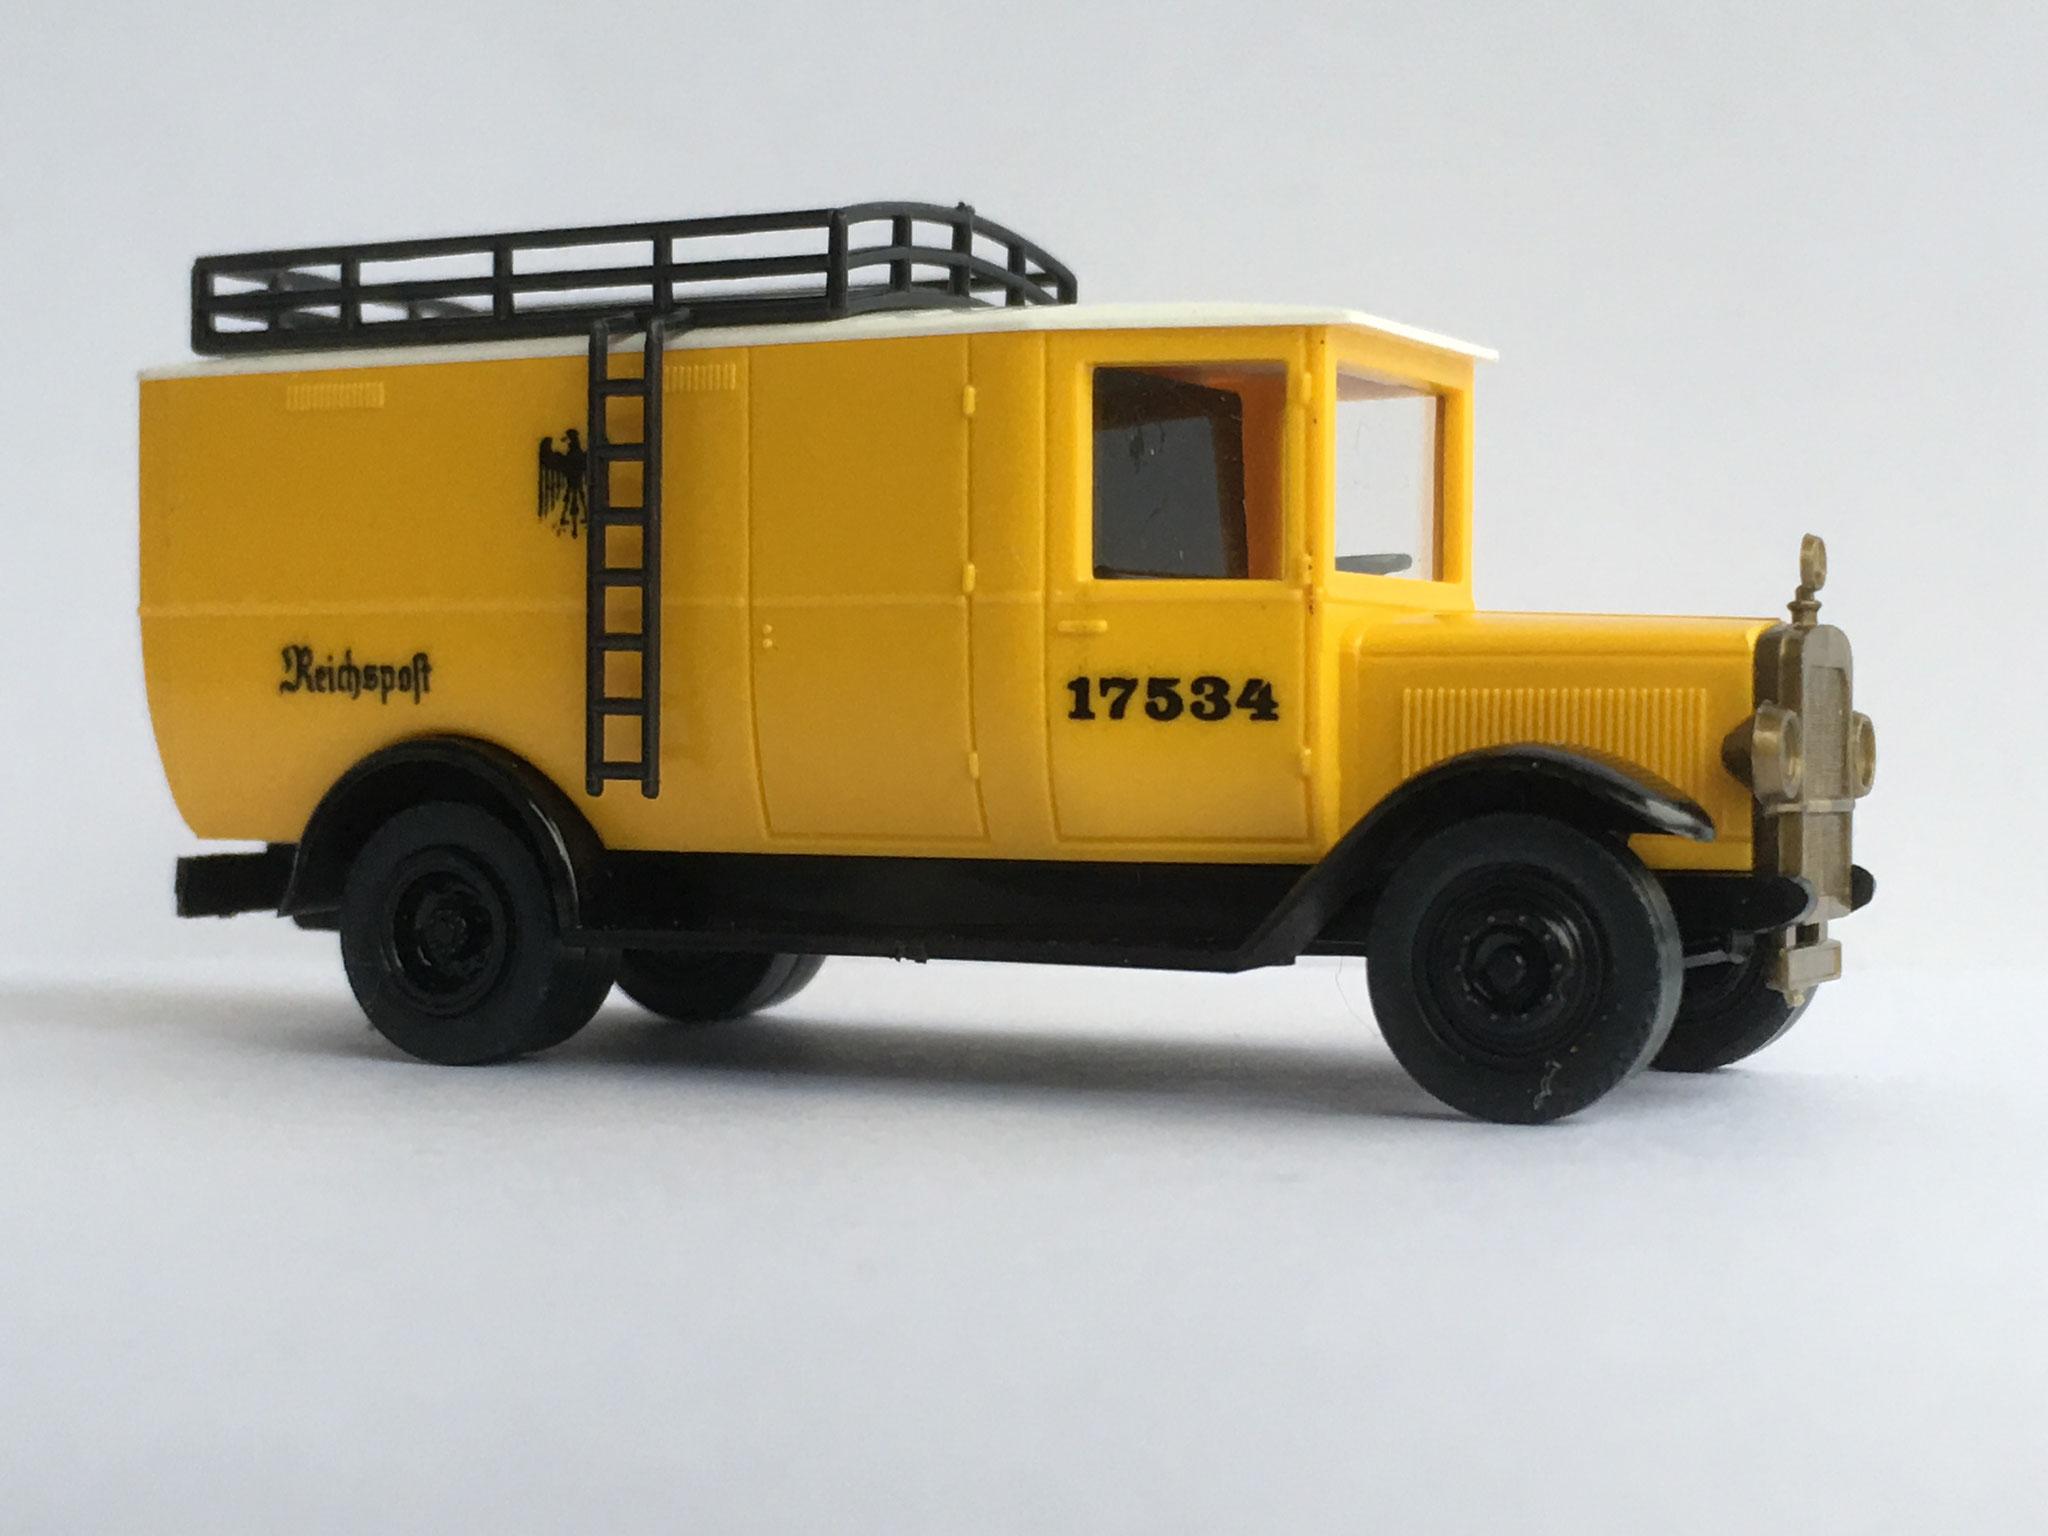 Mercedes L2 Kastenwagen Reichspost, gelb, schwarzer Gepäckträger, Nr. 17534, Art. Nr. 1028 (ab 1989 im Programm)